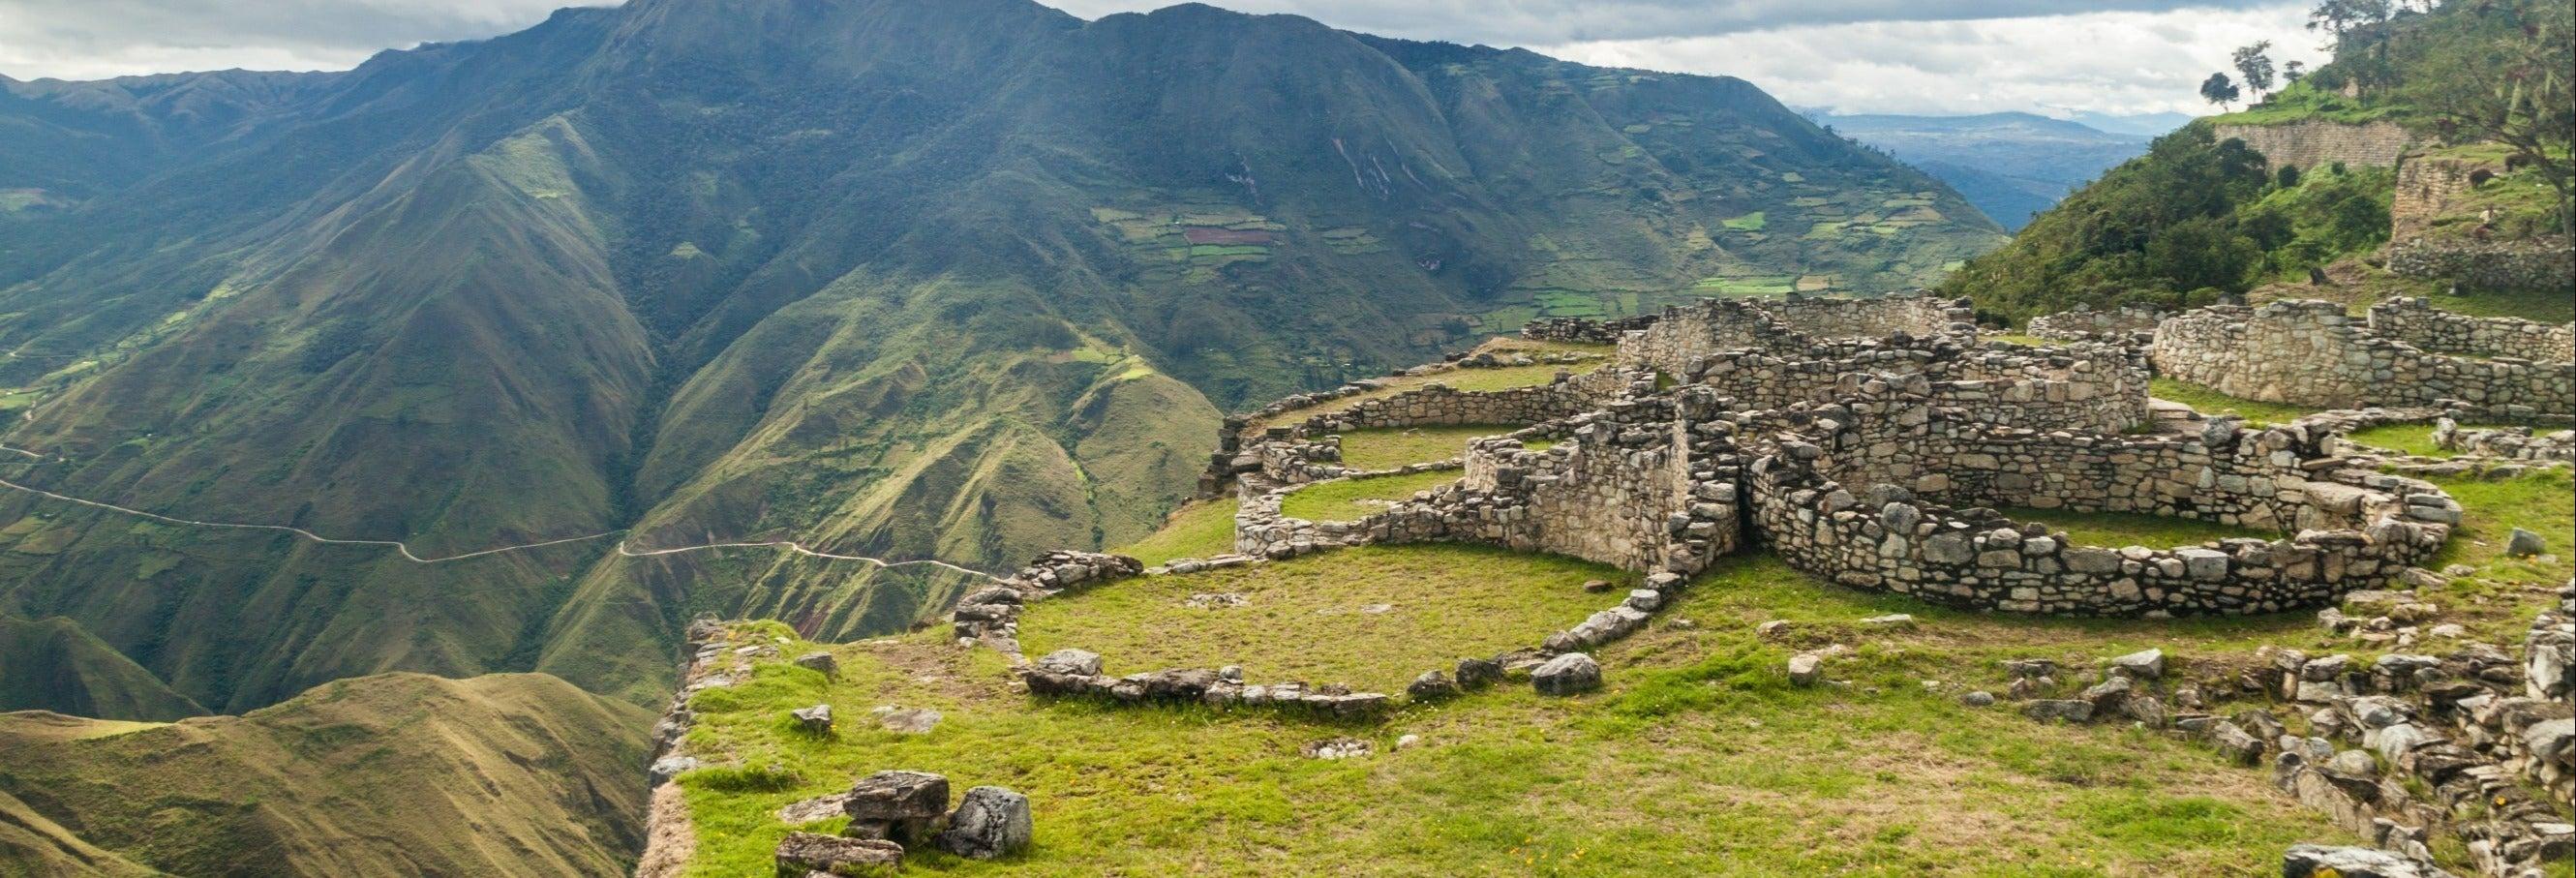 Escursione privata da Chachapoyas